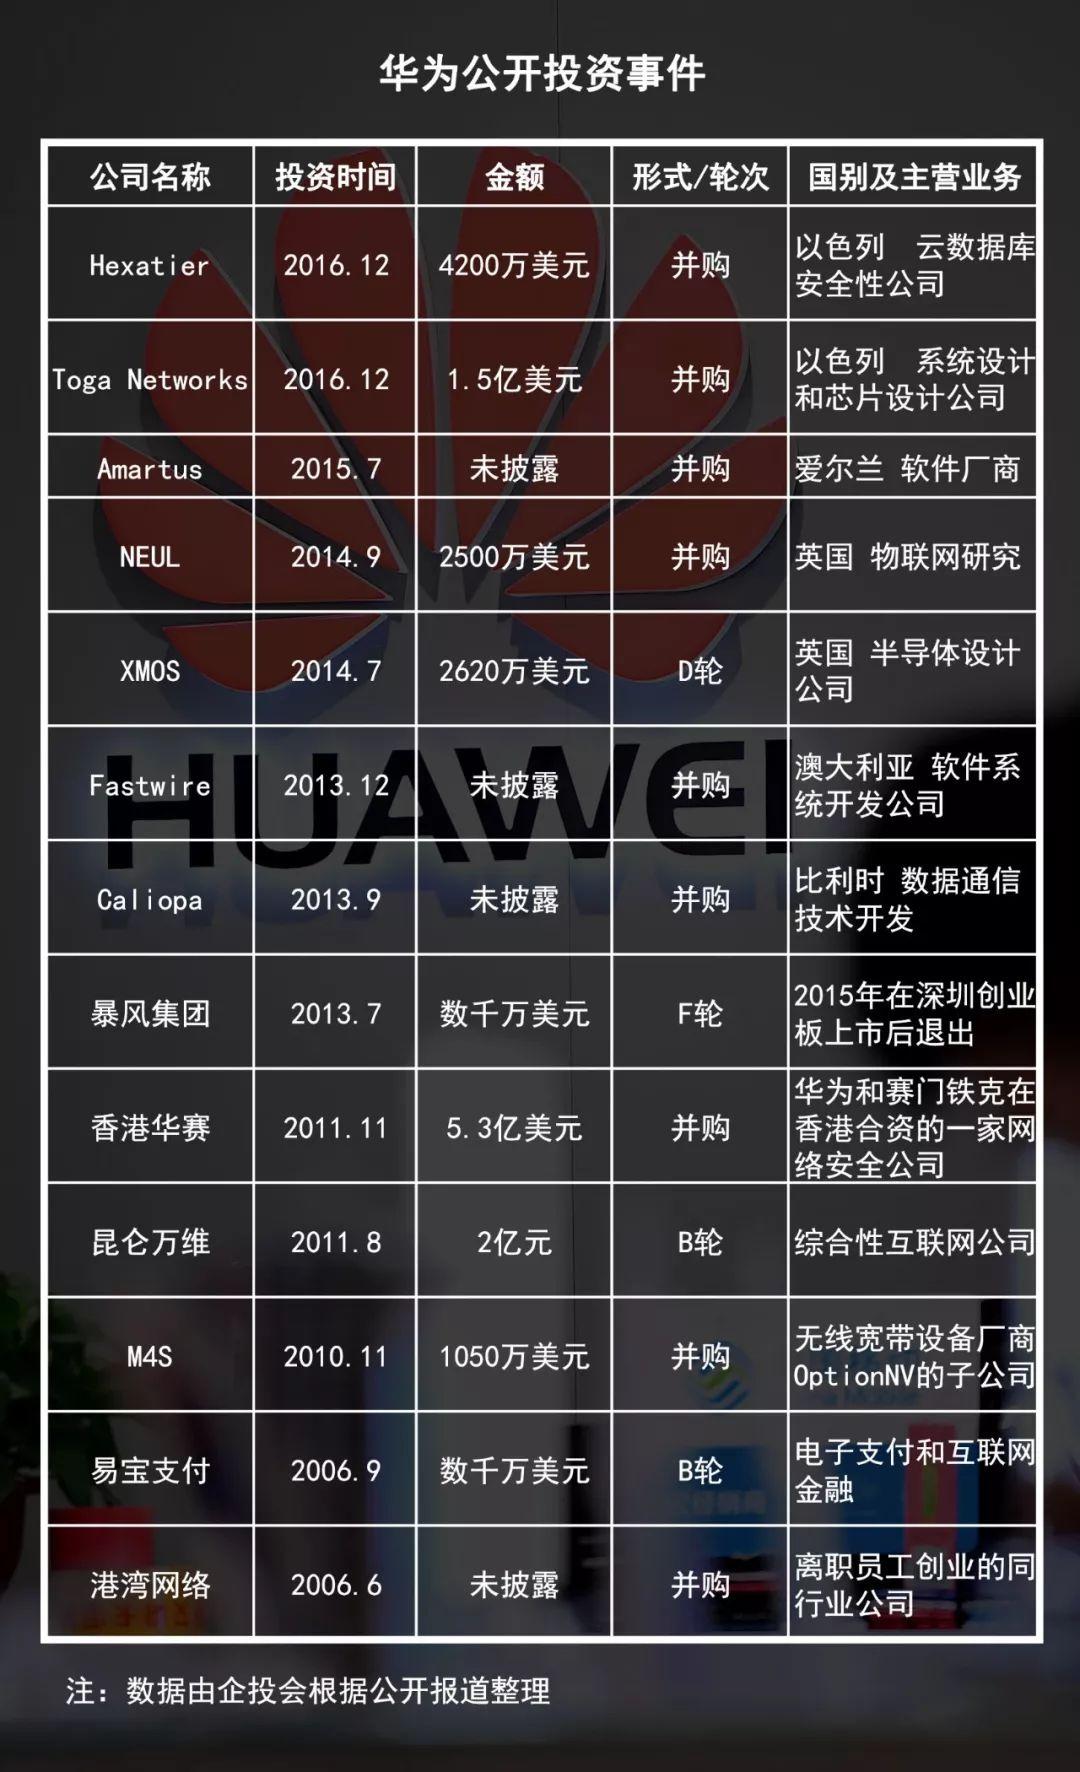 利来电游娱乐官方网址-莫开伟:国务院减税大招再蓄实体经济发展动能